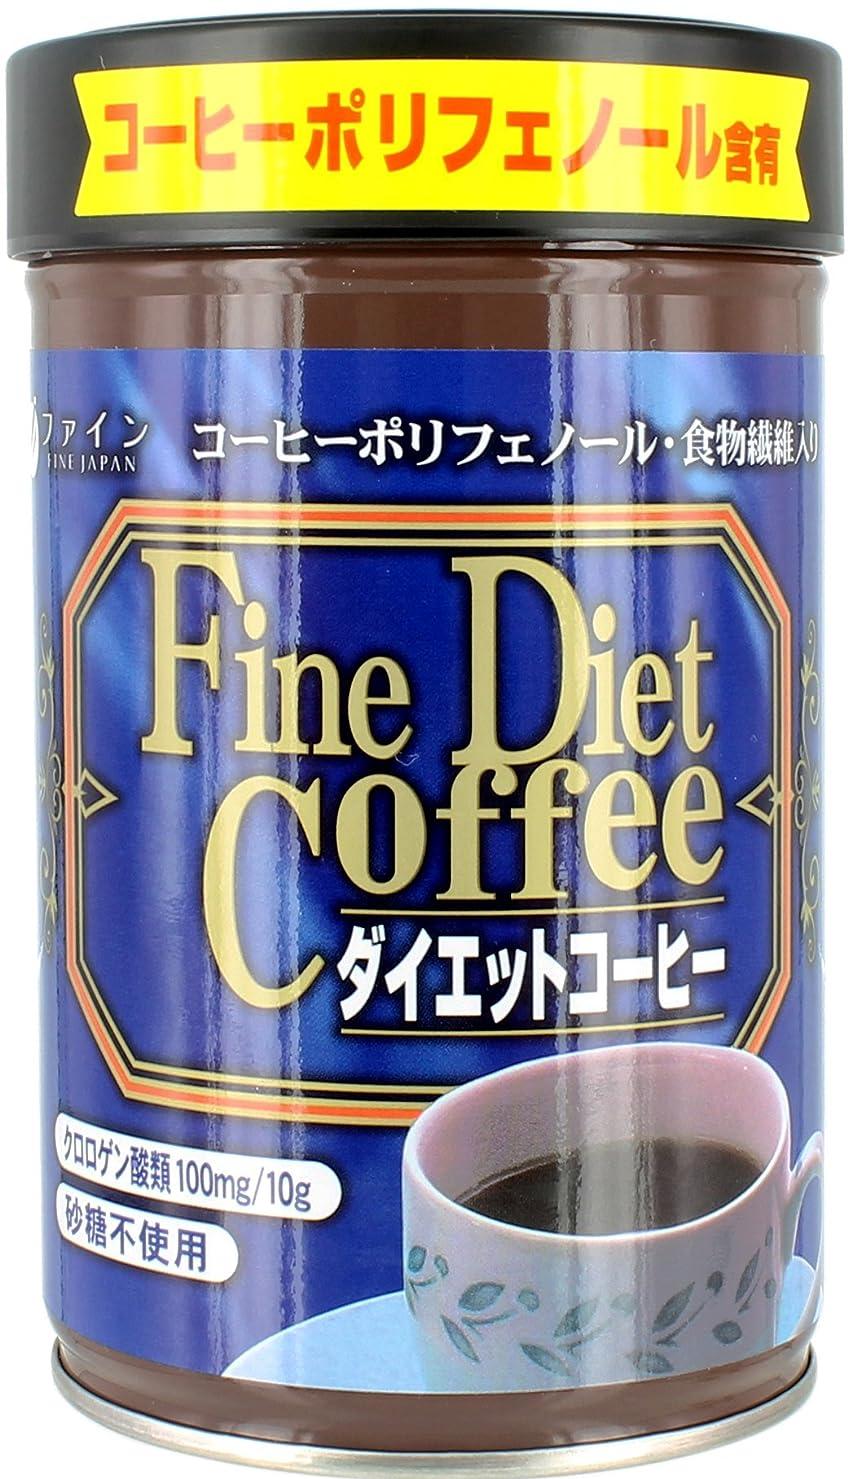 維持反論者パンツファイン ダイエットコーヒー 200g